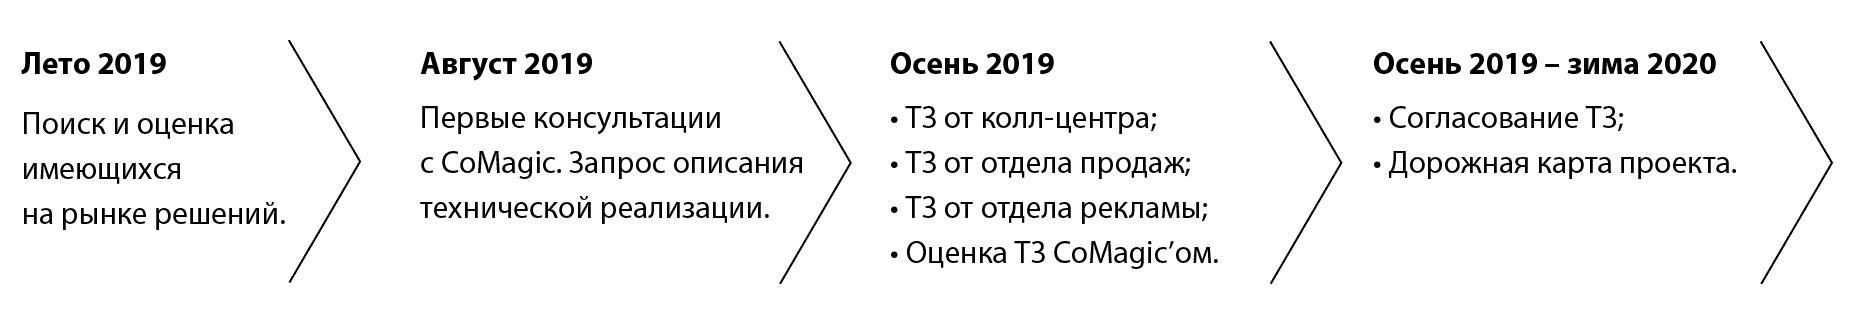 Летом 2019 года Level Group решили изменить инфраструктуру